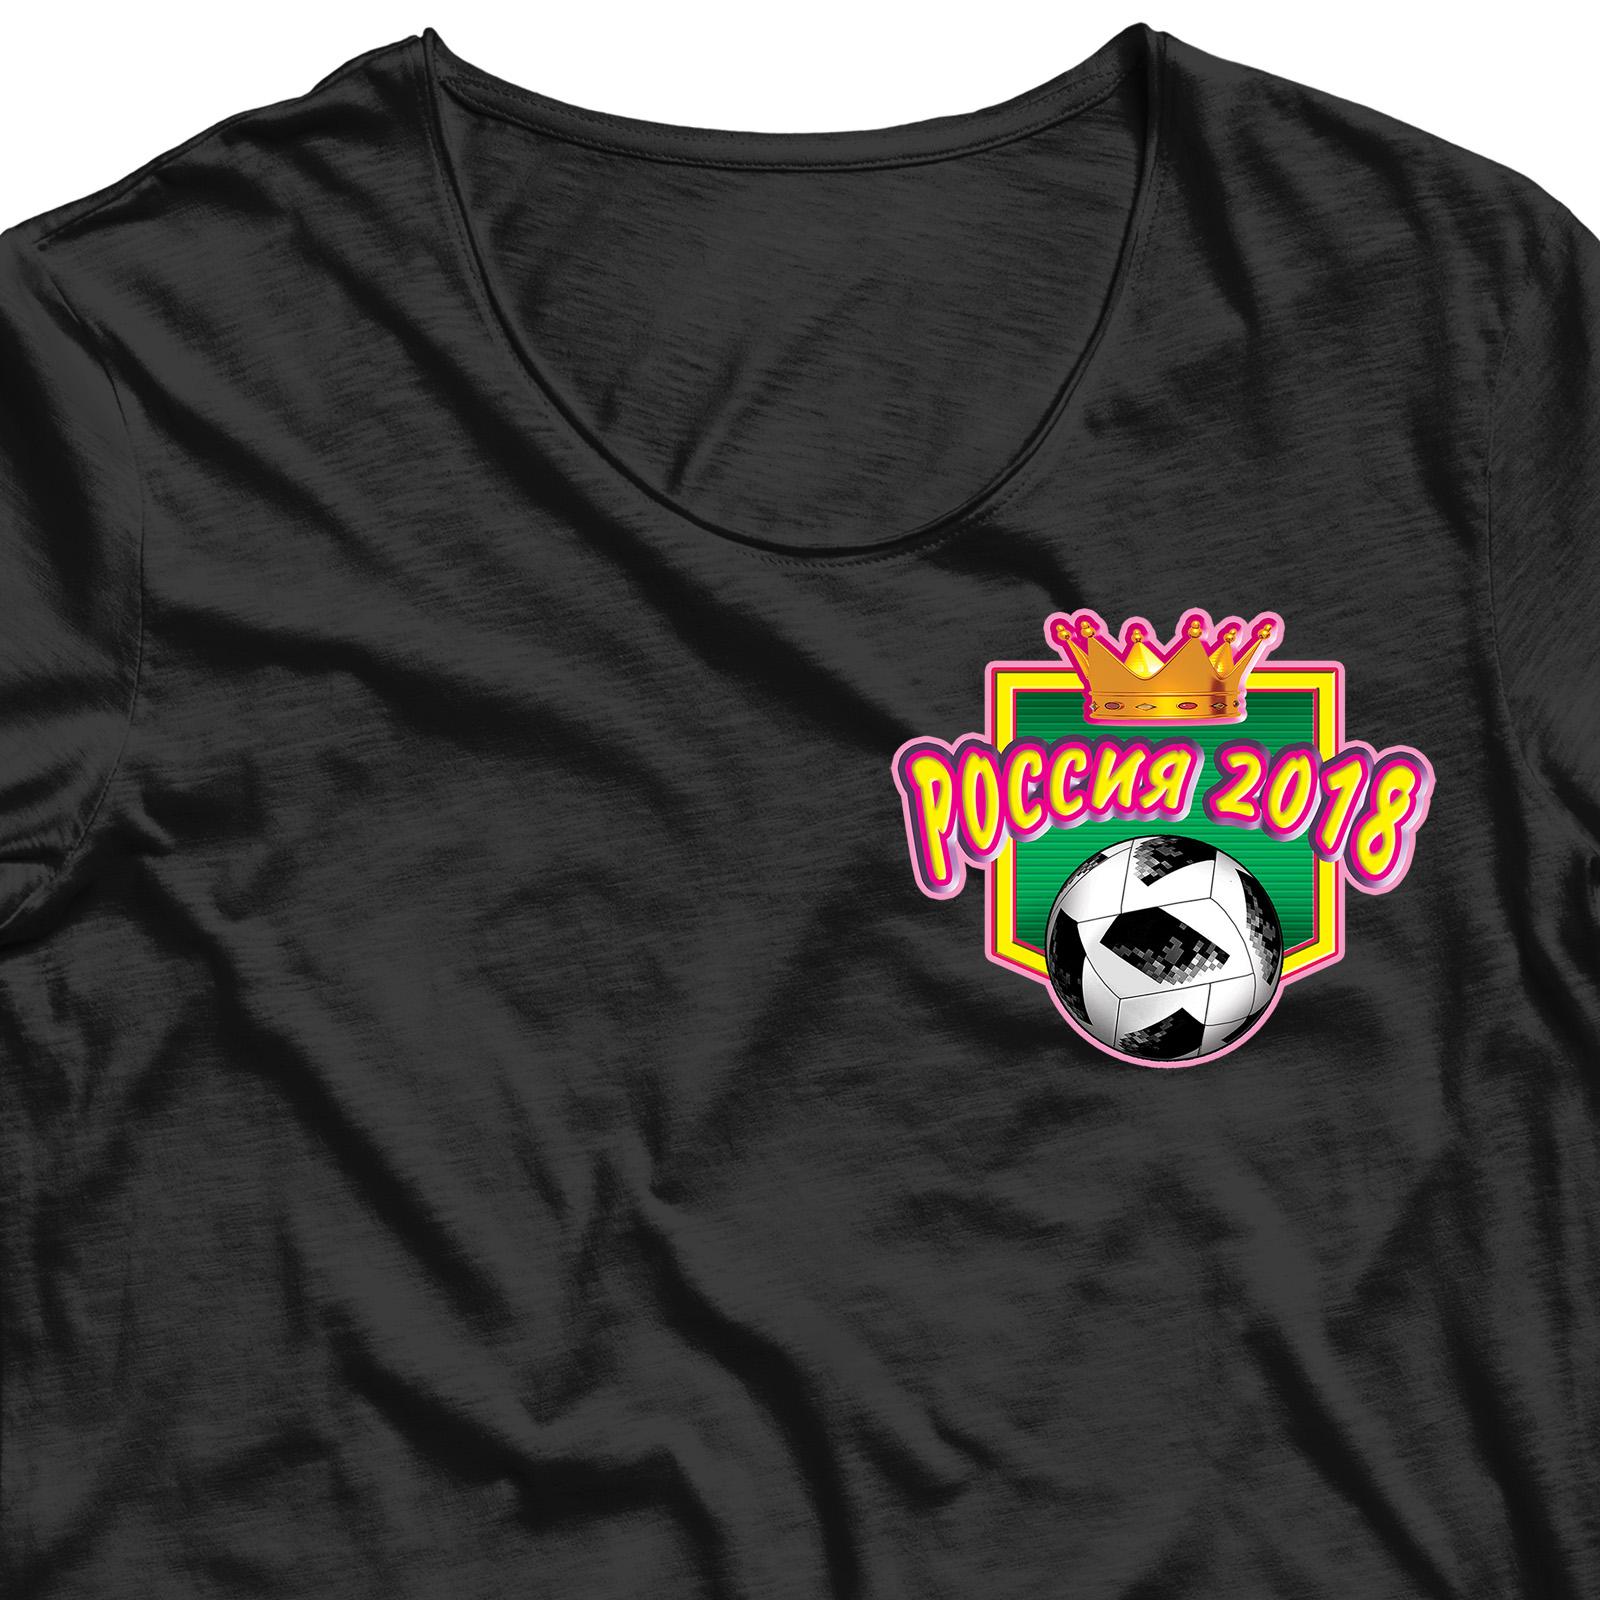 Крутая наклейка-термотрансфер на футболку - купить по низкой цене